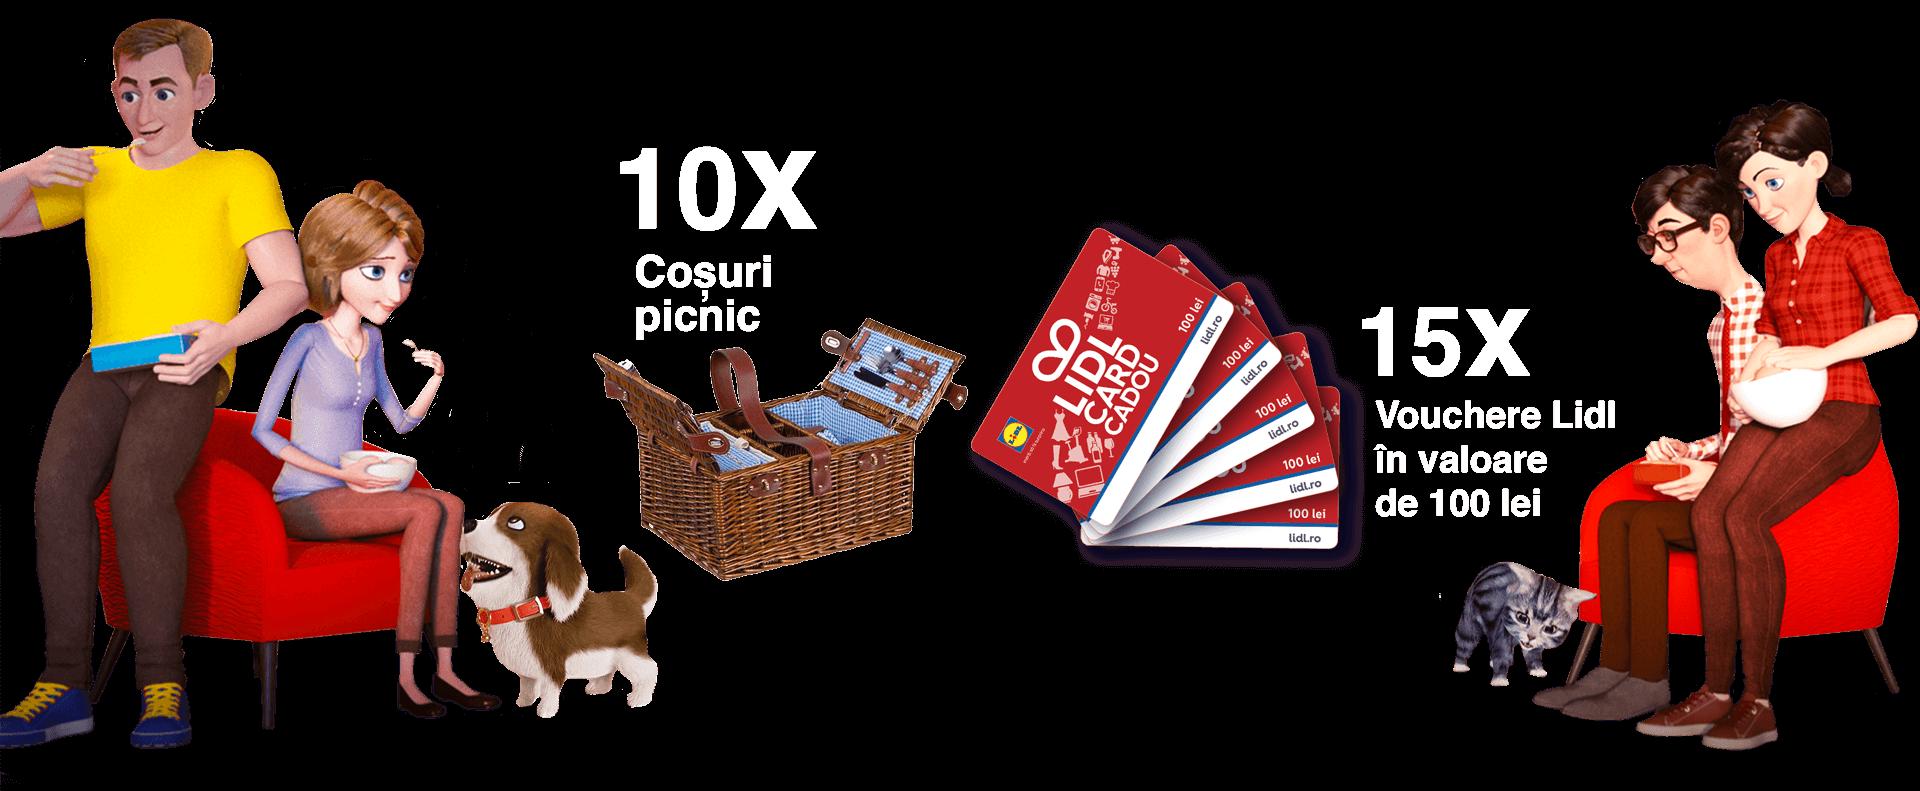 10 X coșuri picnic, 15 X Vouchere Lidl în valoare de 100 lei